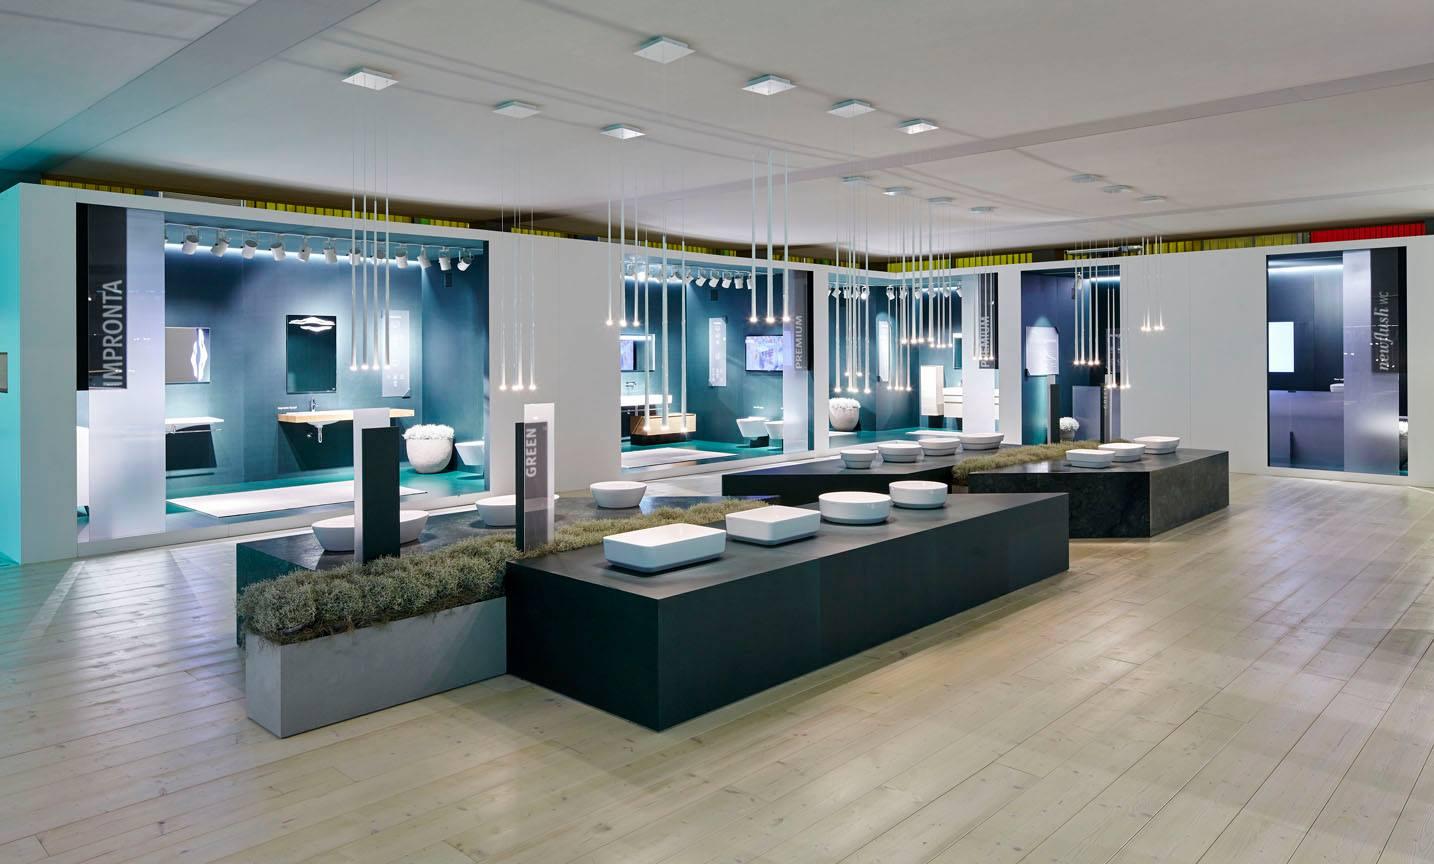 Muebles De Baño Keiblair:baños sanitarios griferías mamparas muebles de baño y accesorios